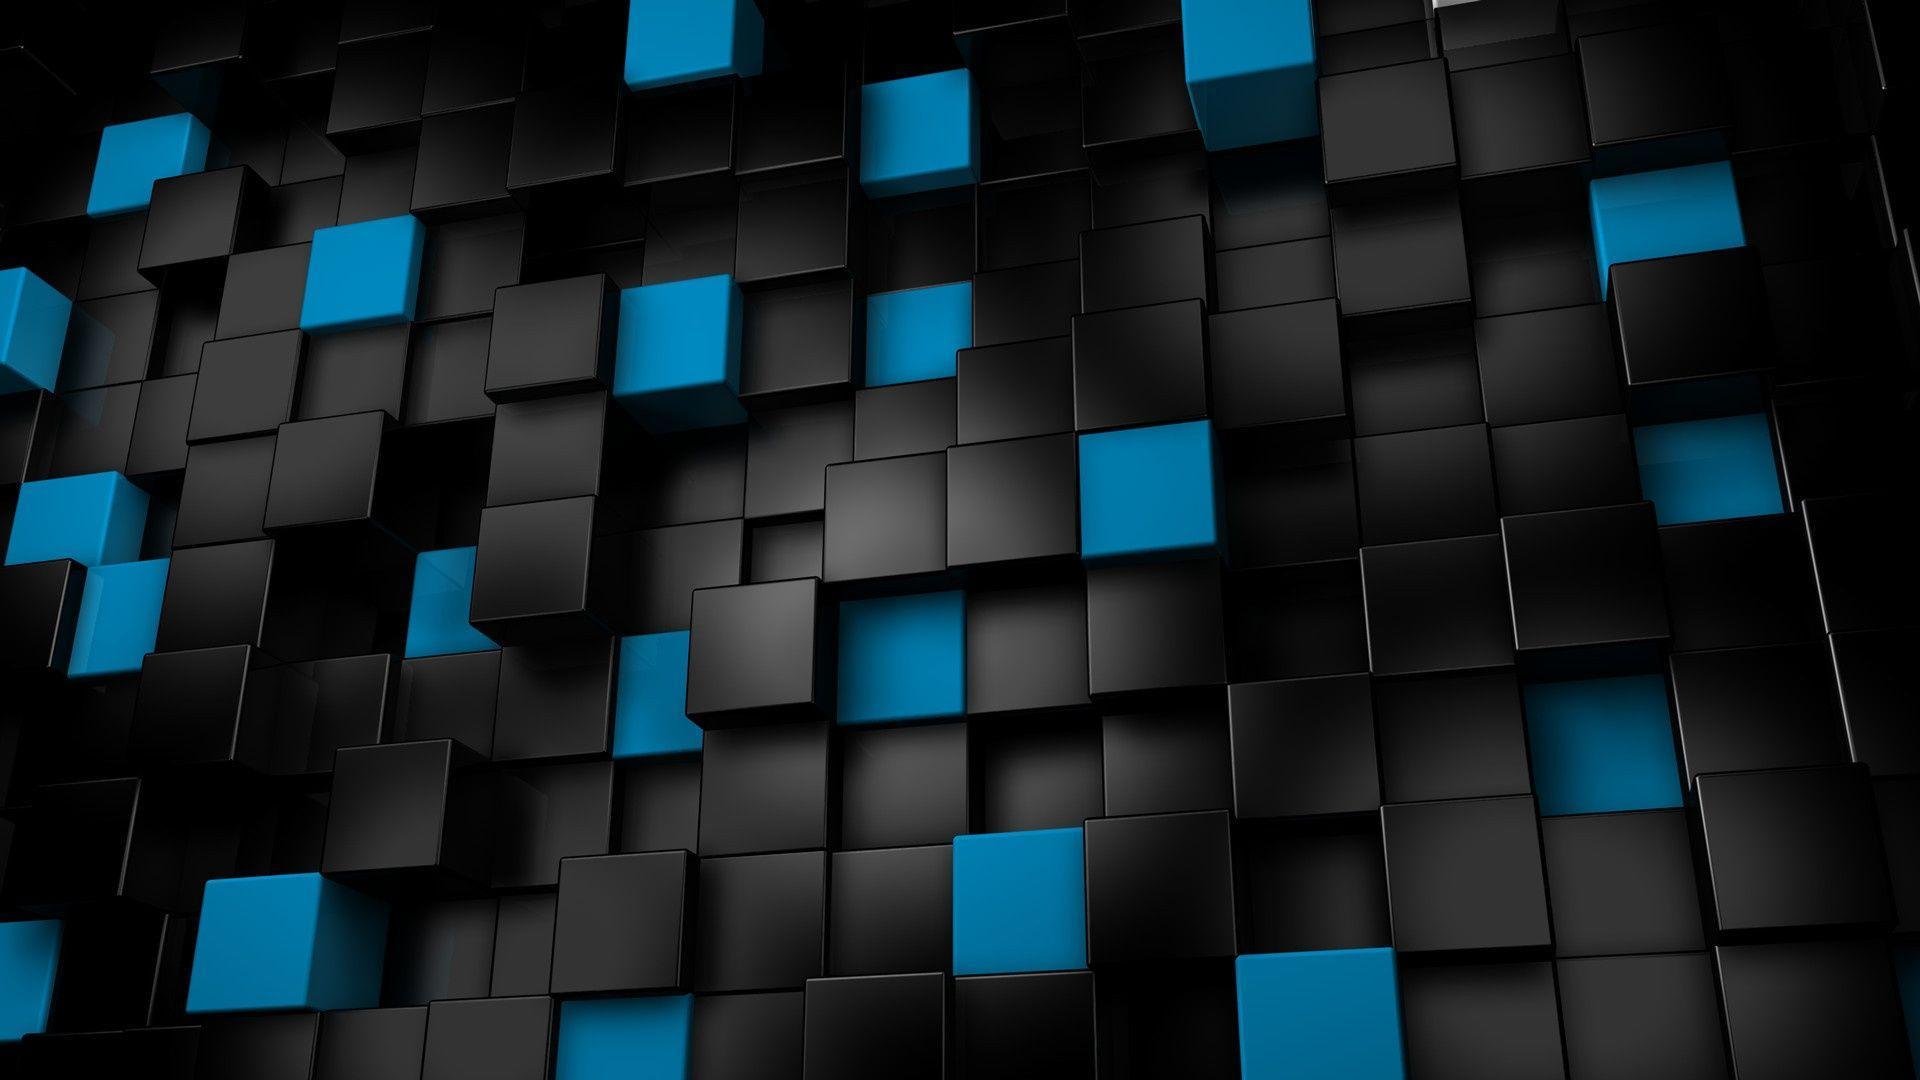 3d, Art, Colorful, Cubes, Image